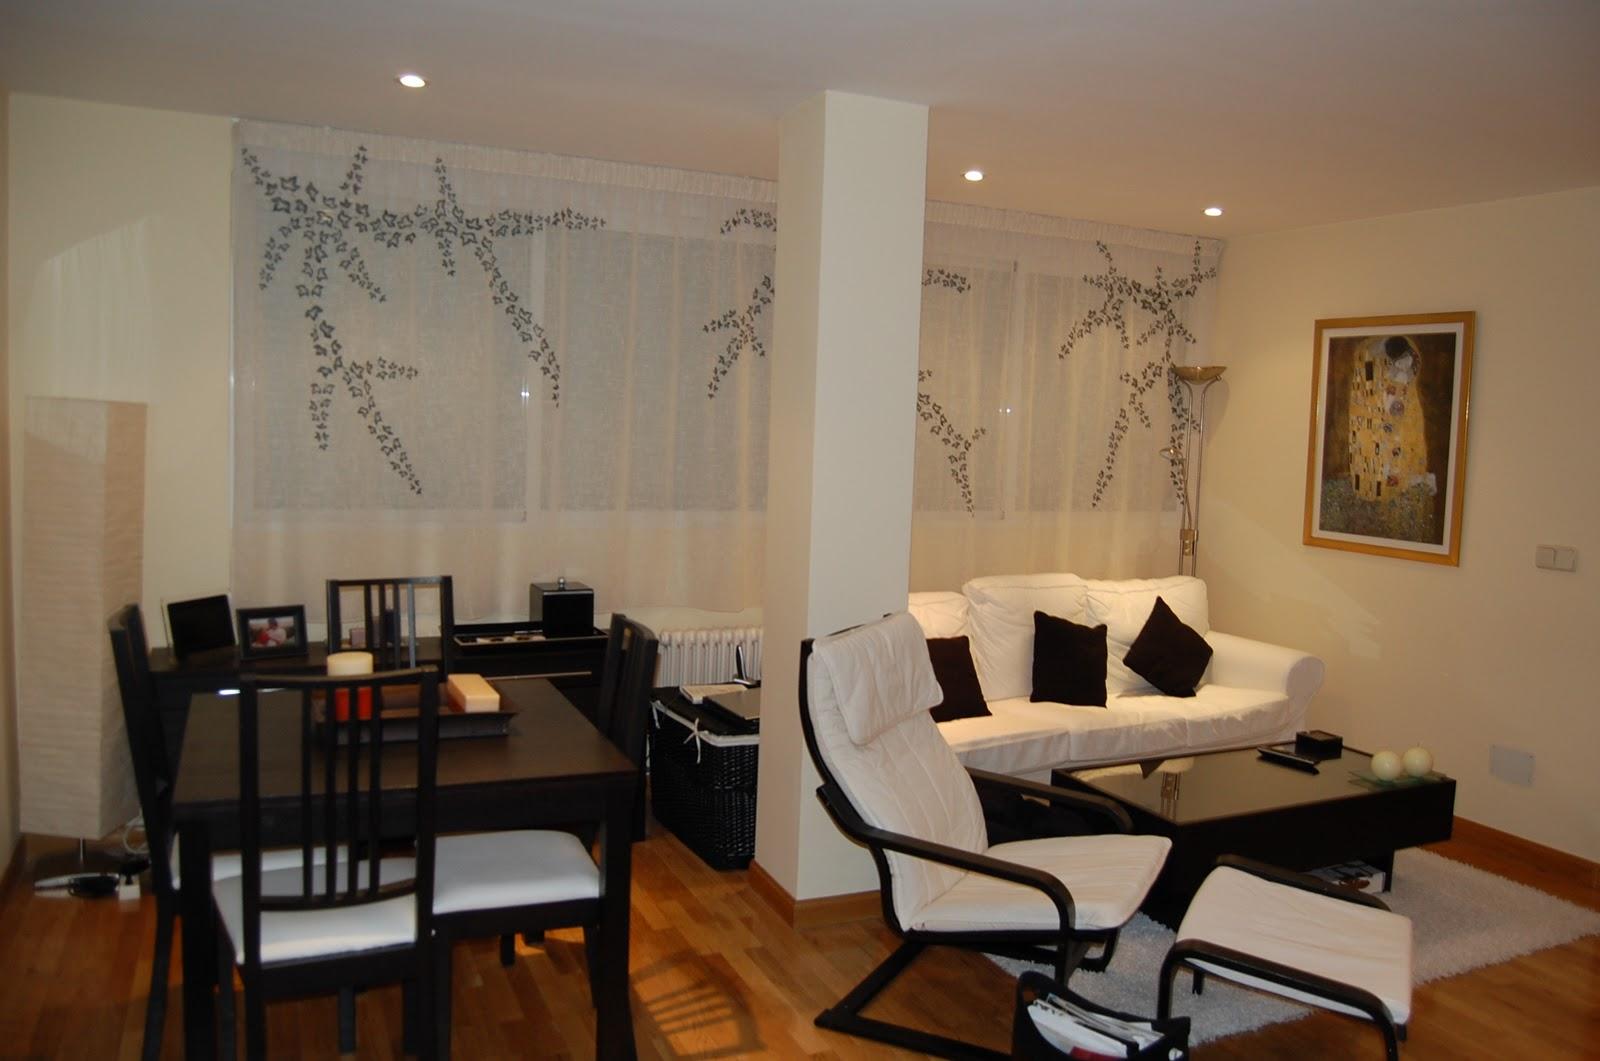 Pepa casado dise o de cortinas catalogo de cortinas for Diseno cortinas salon